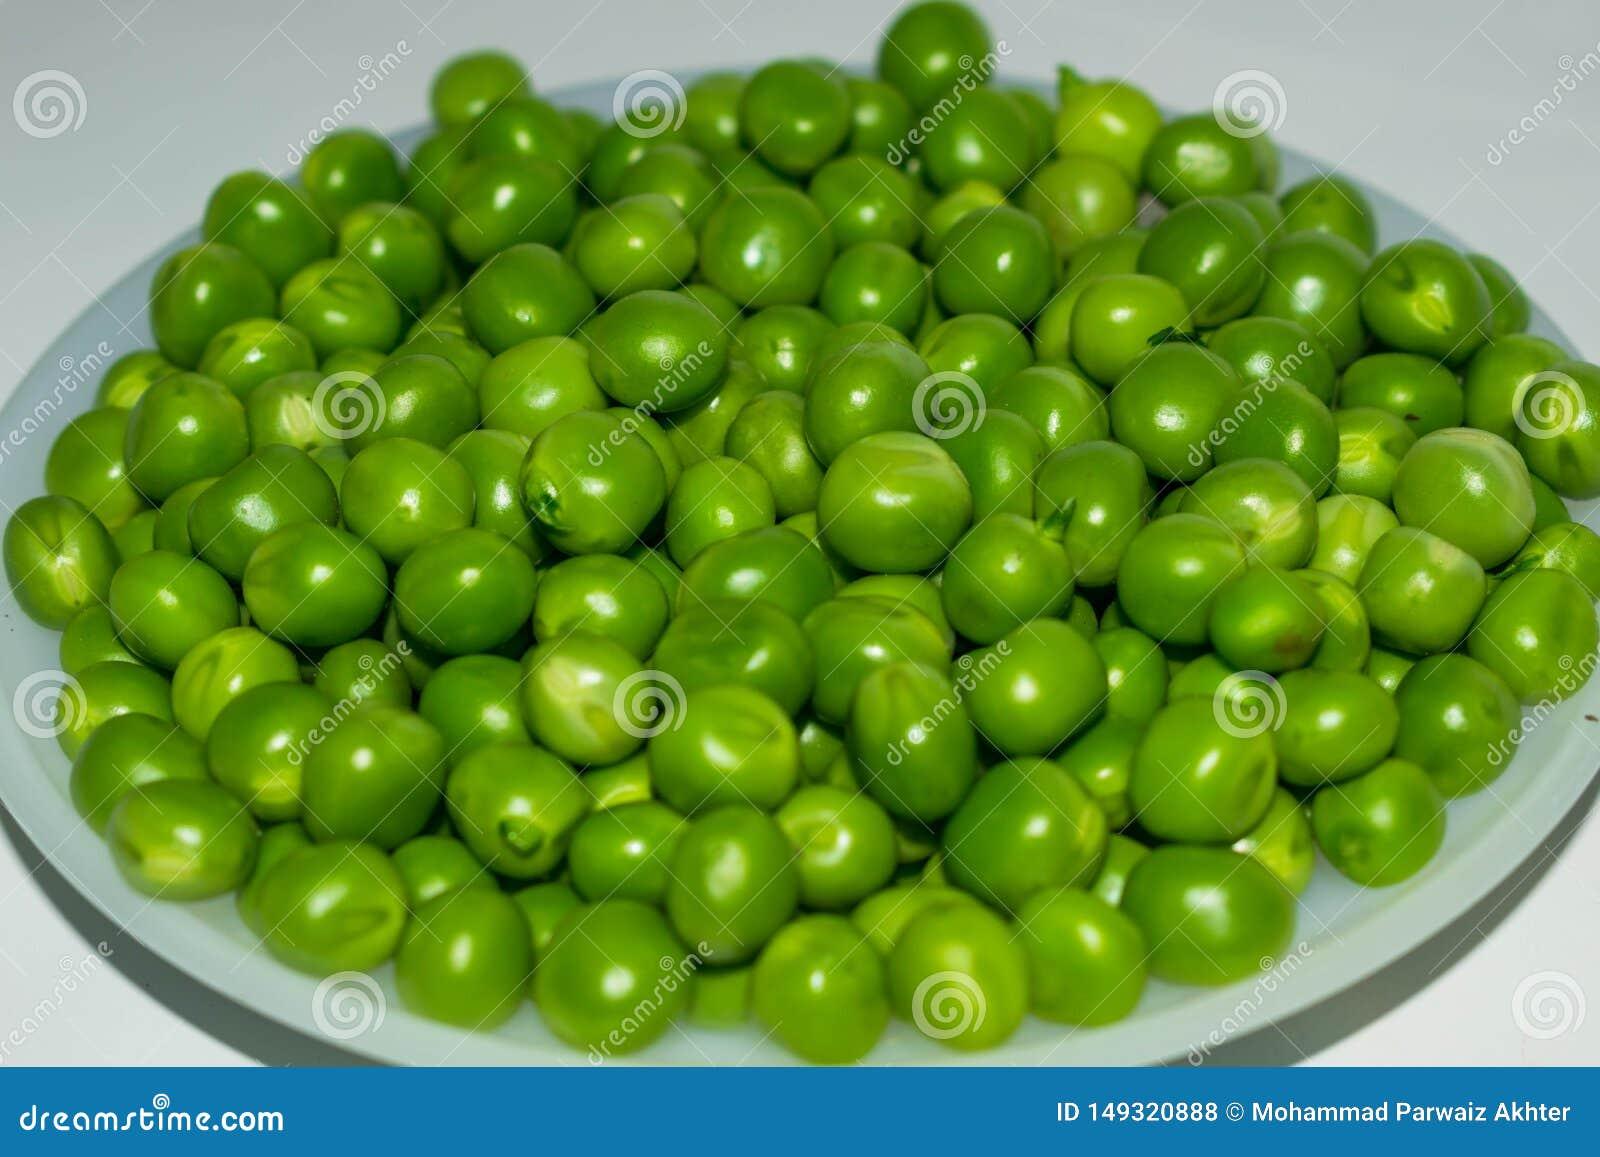 Groene peul, groene erwten in een witte kom